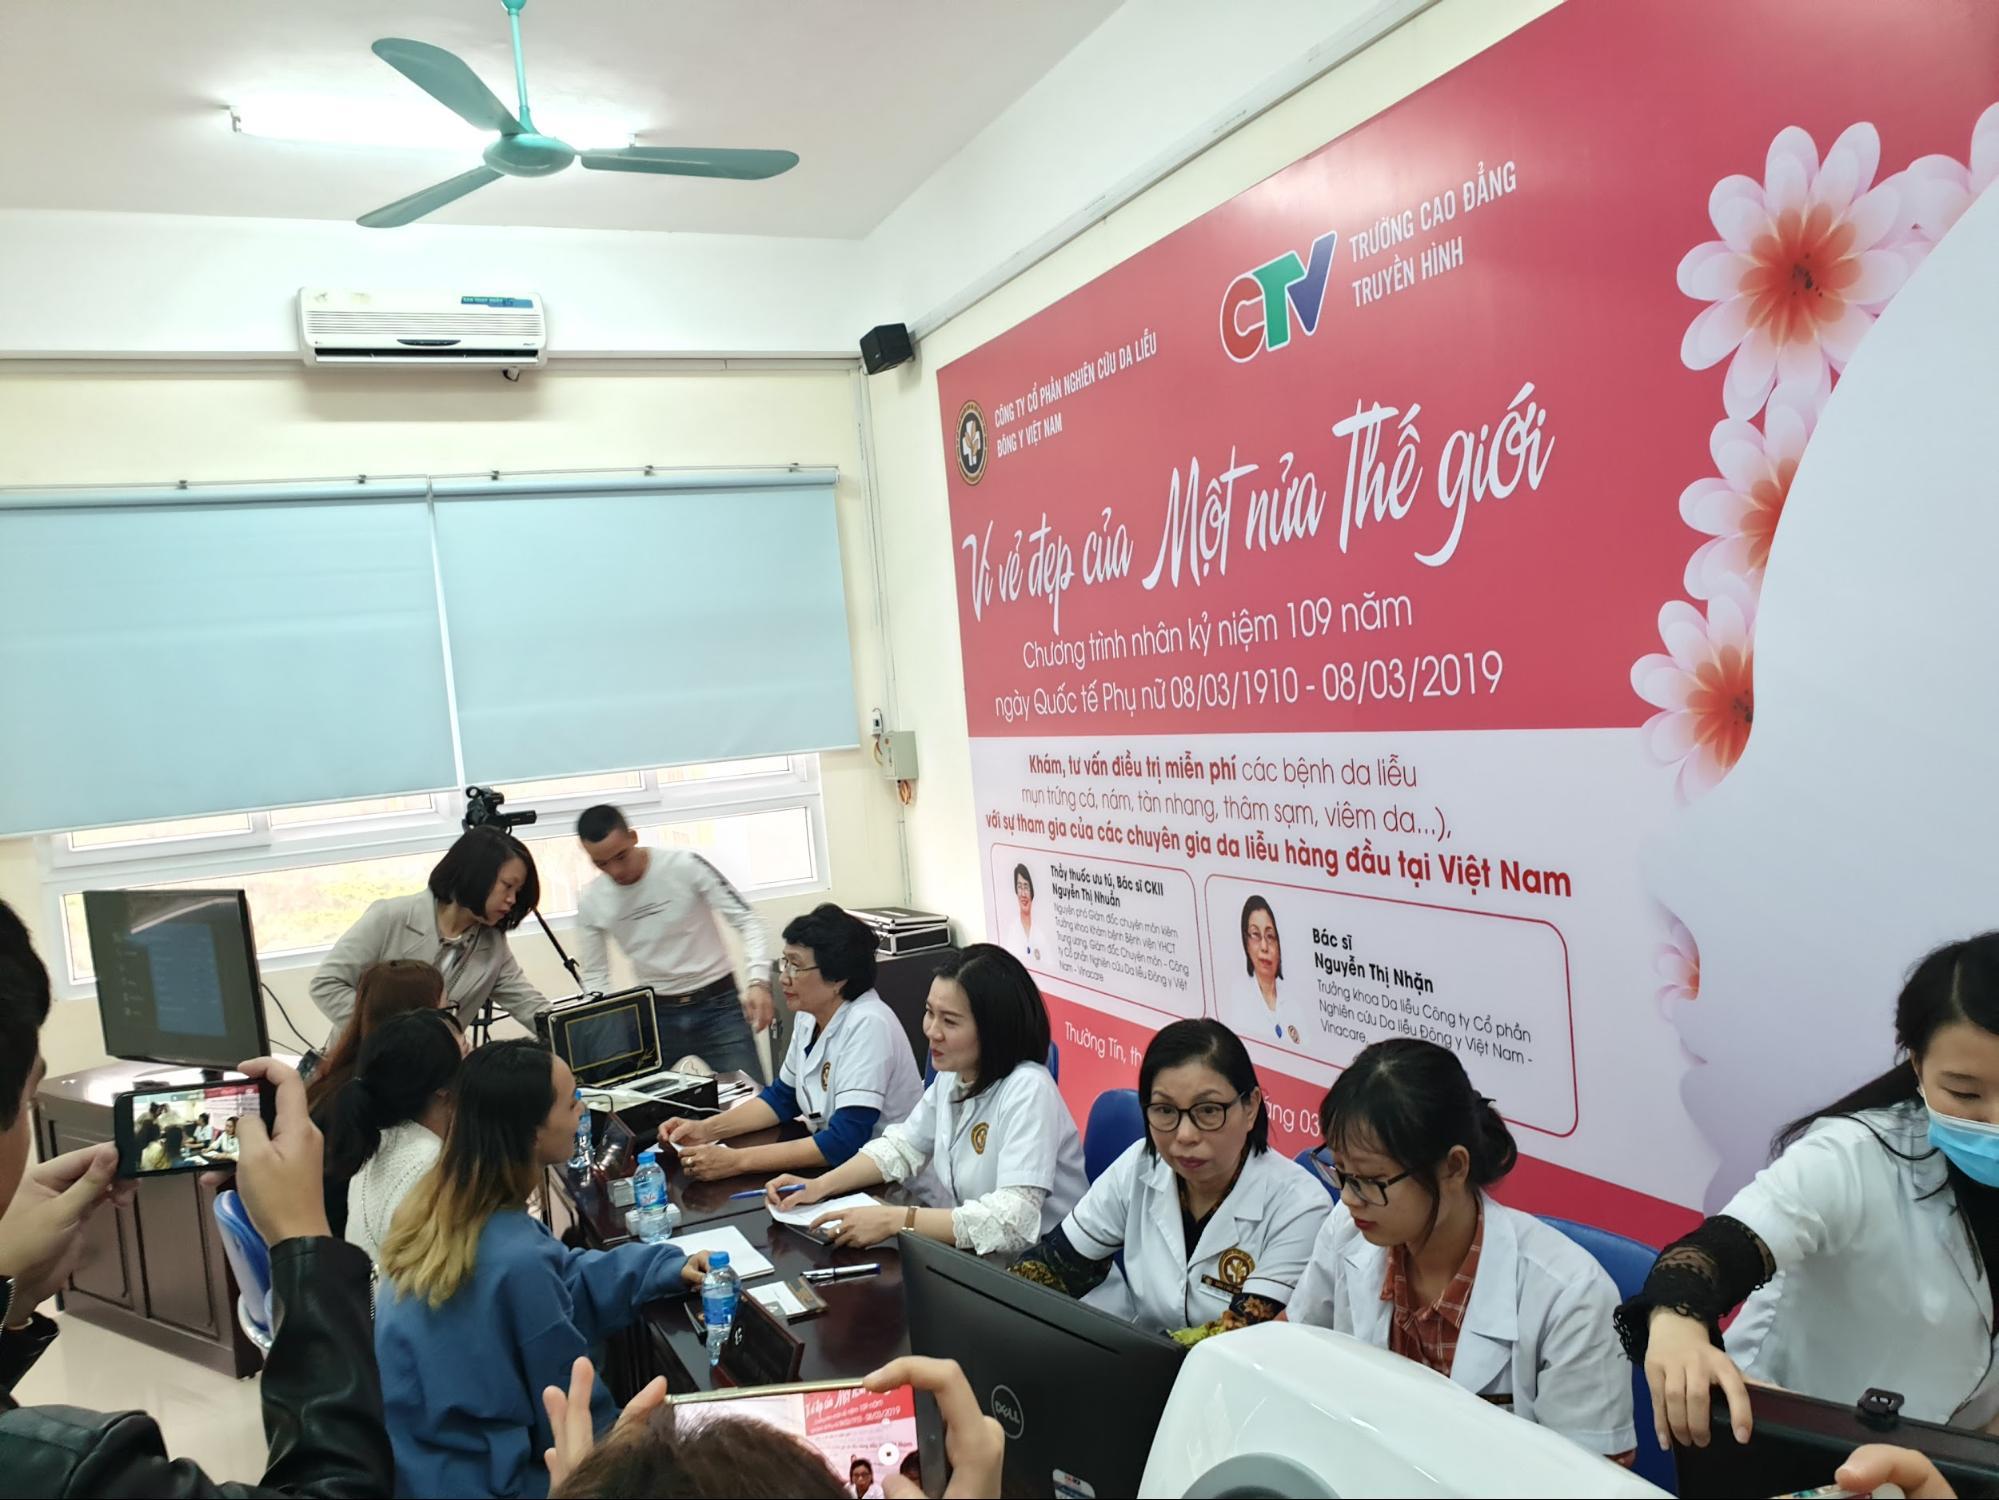 Công ty CP Nghiên cứu Da liễu Đông y Việt Nam đồng hành cùng sinh viên trong sự kiện Vì vẻ đẹp của một nửa thế giới